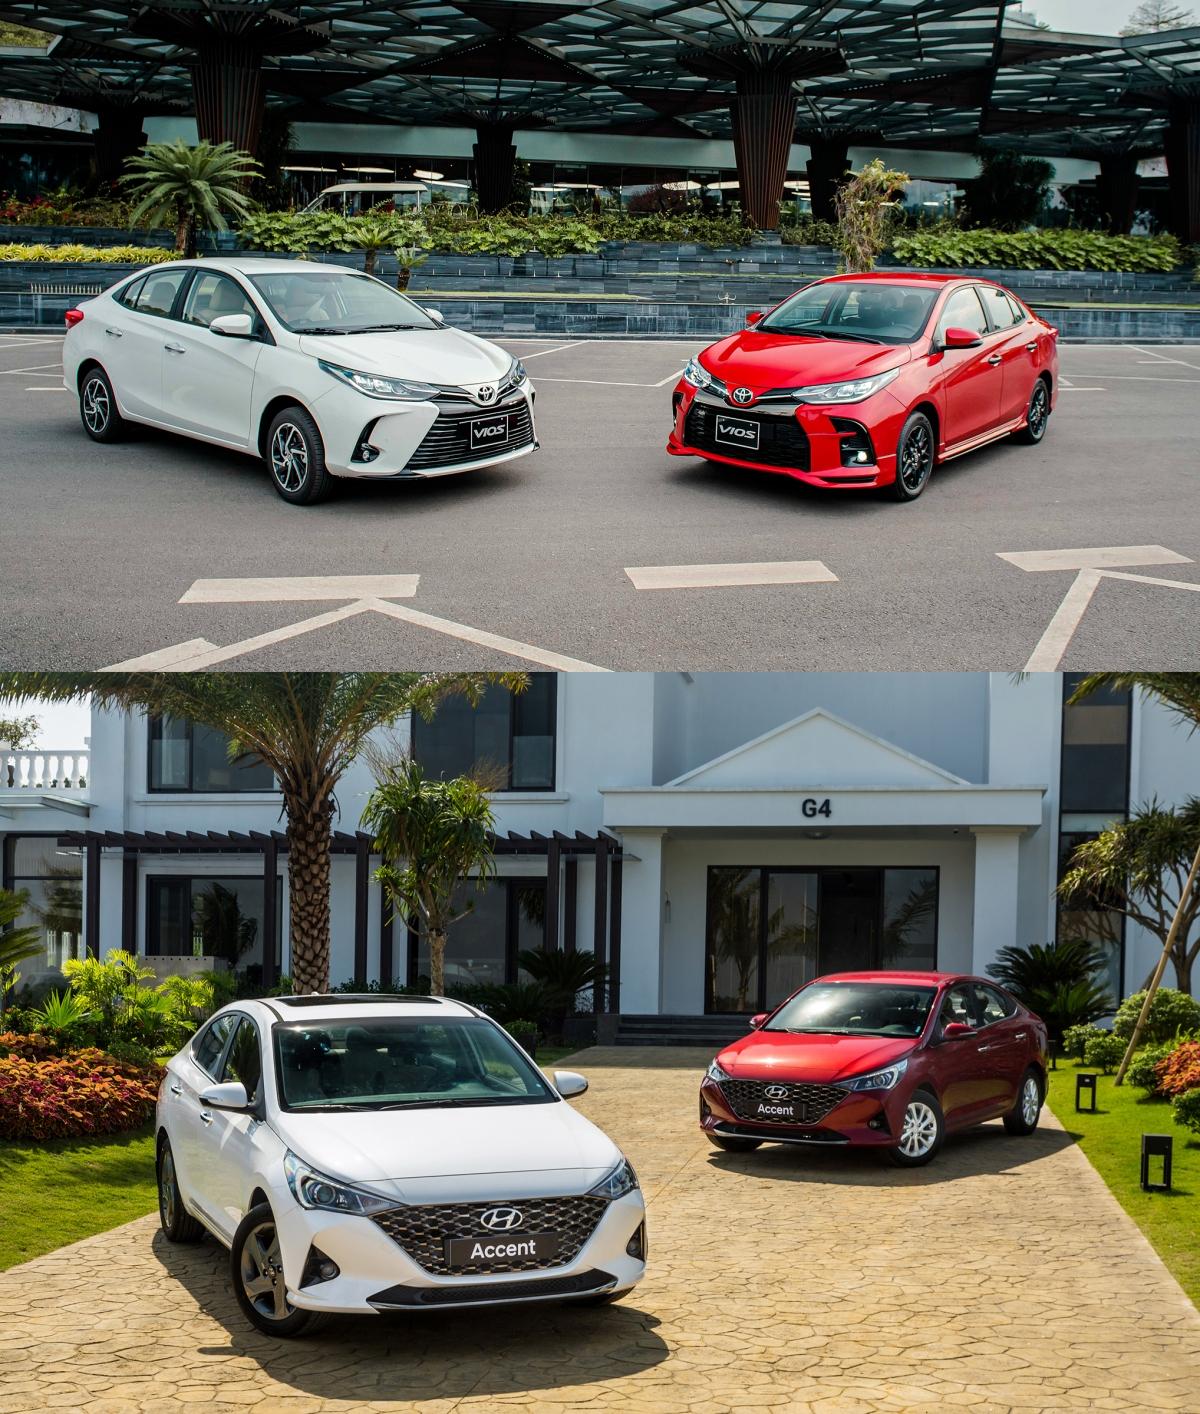 Toyota Vios (trên), Hyundai Accent (dưới).